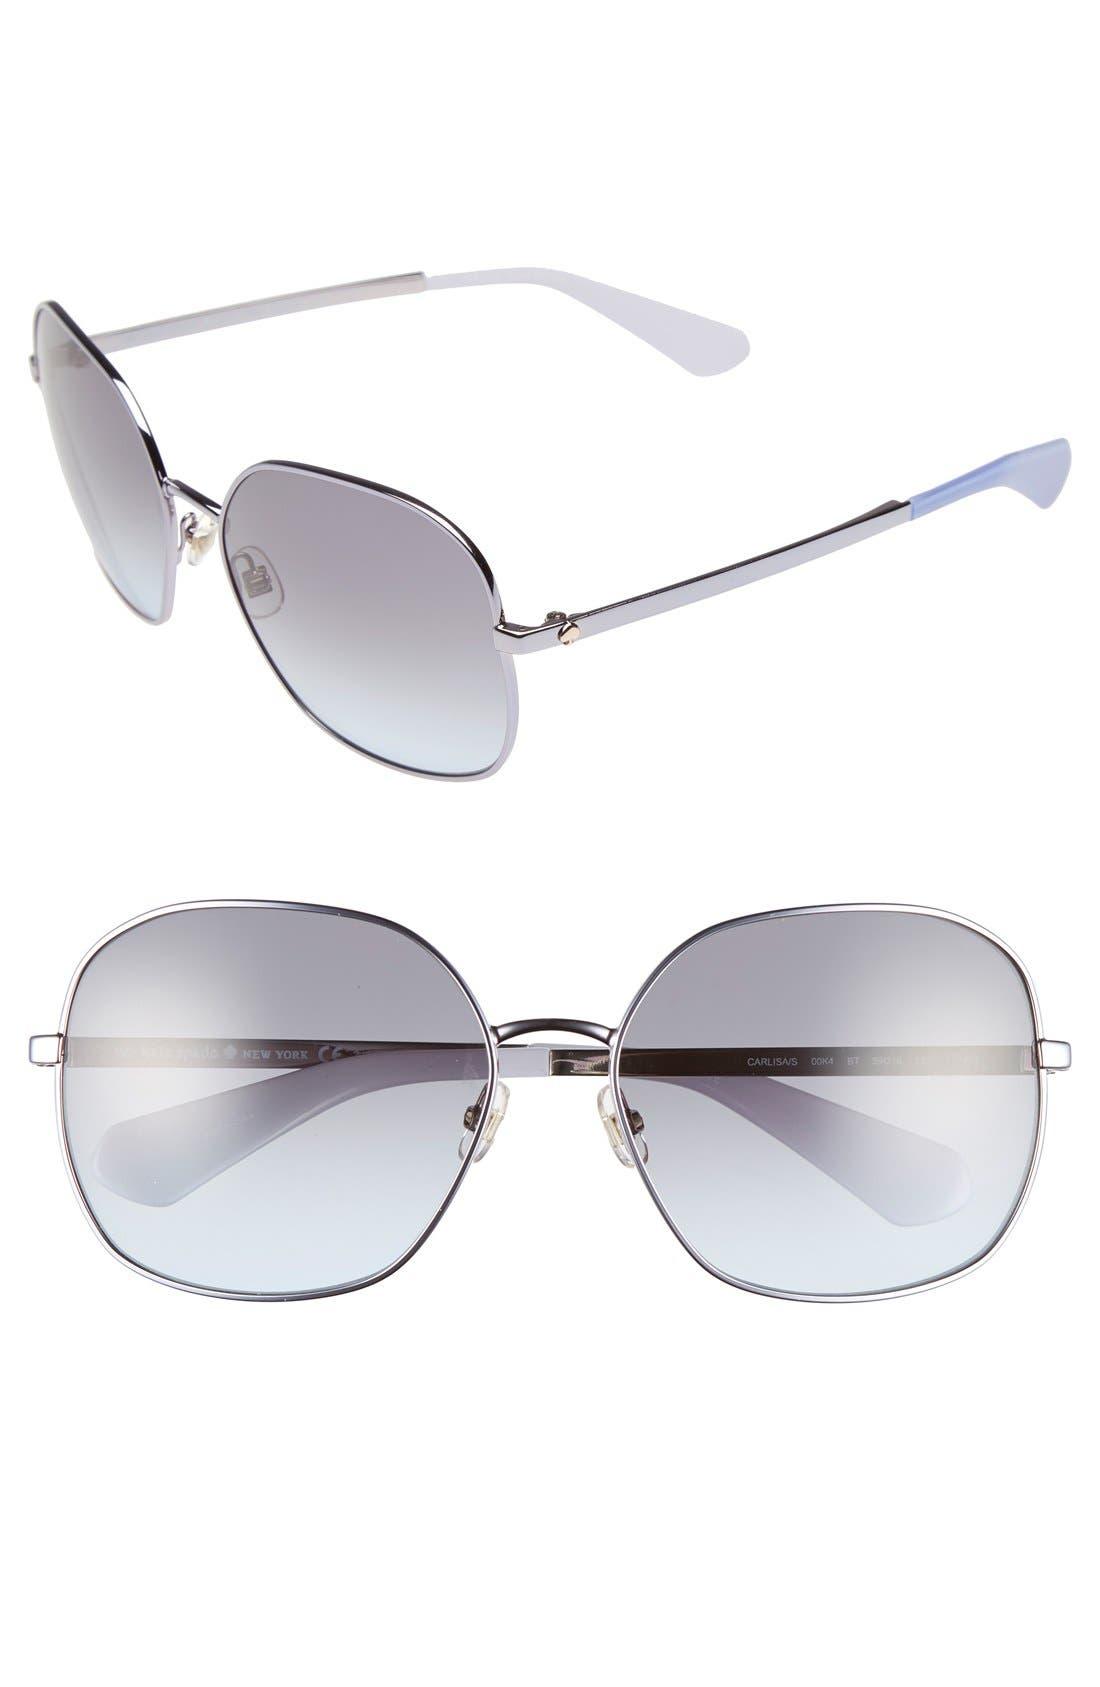 Alternate Image 1 Selected - kate spade new york 'carlisa' 59mm sunglasses